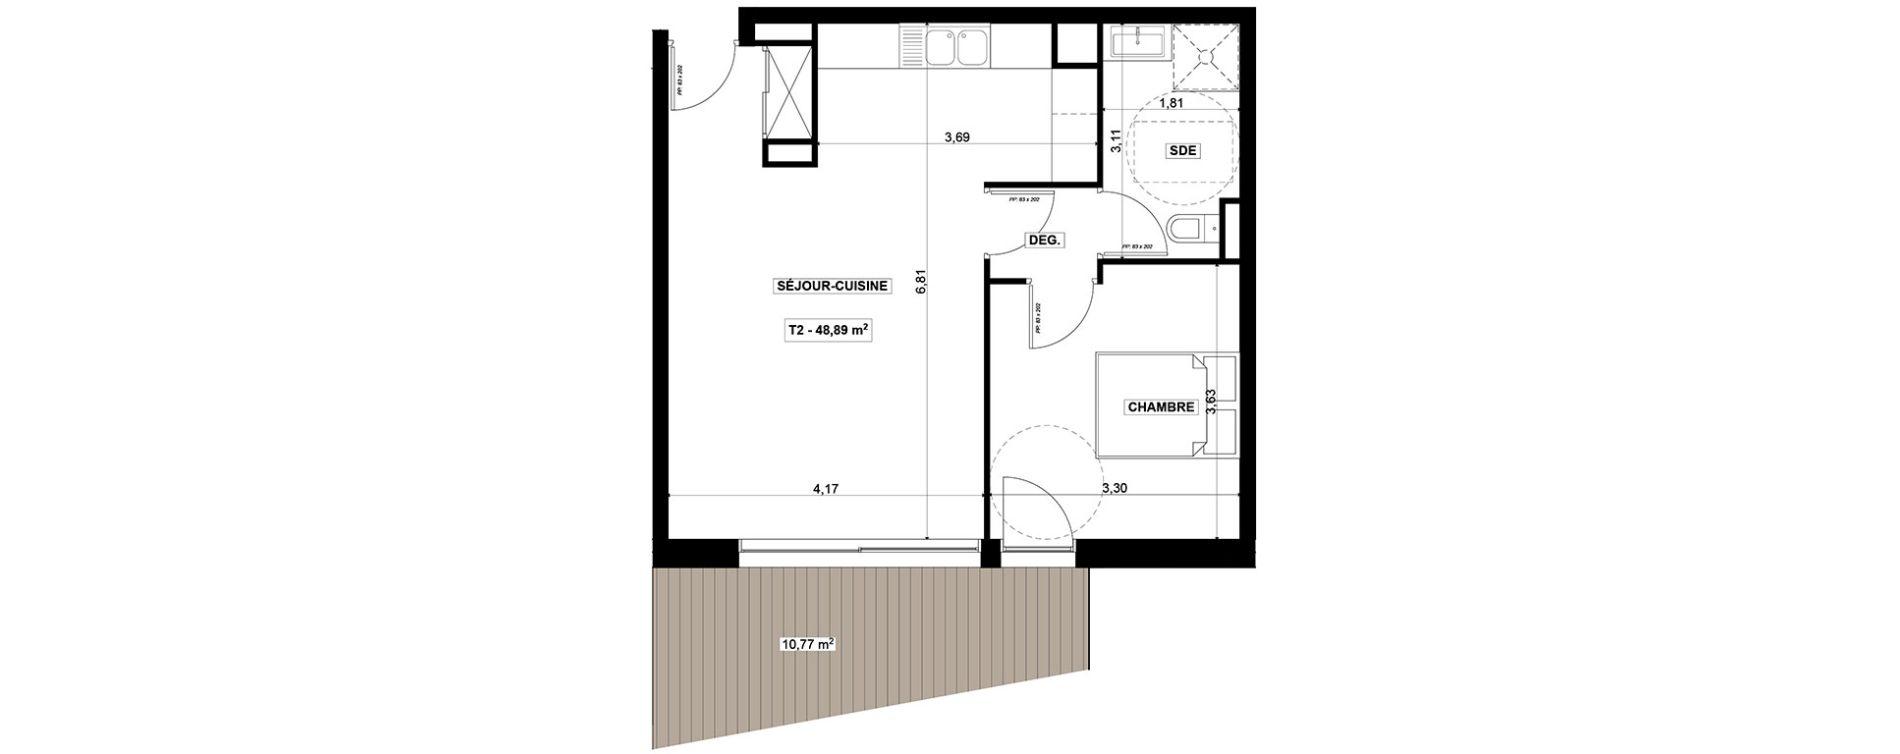 Appartement T2 de 48,89 m2 à Quimper Centre